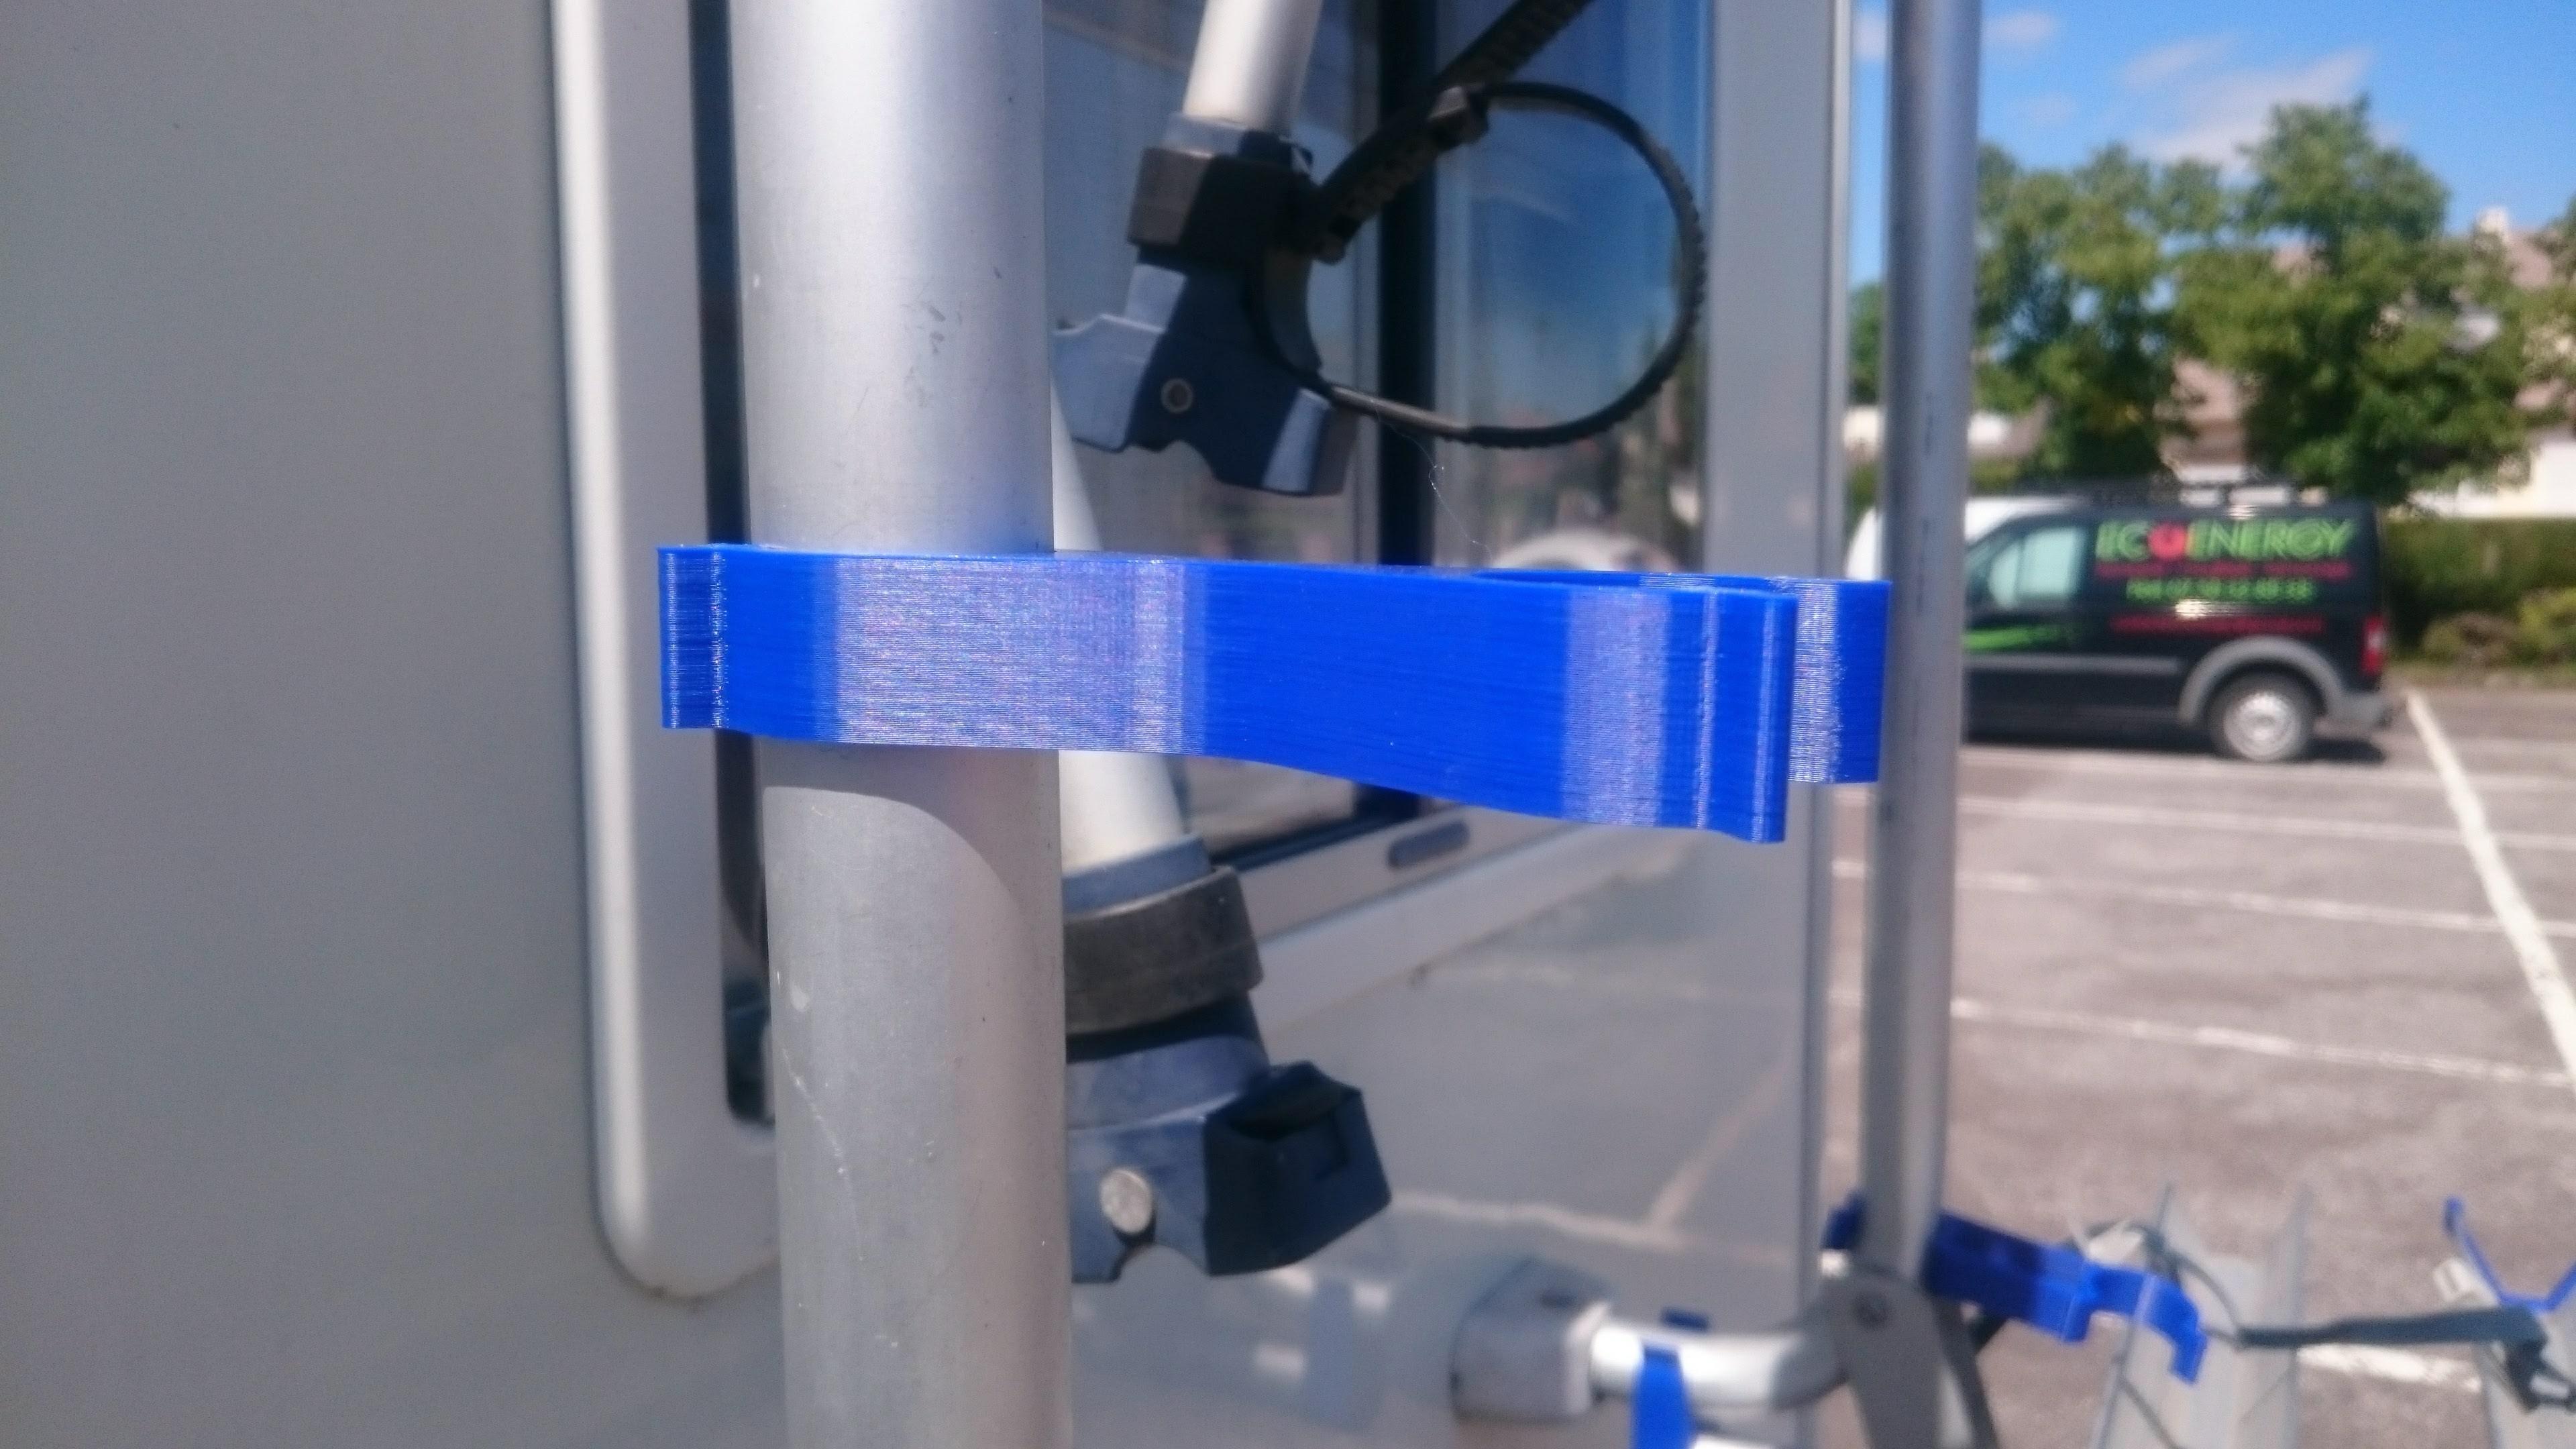 01-Clipse porte velo N1.jpg Download free STL file Parts Bike carrier for motorhomes • 3D printer model, Ldom21